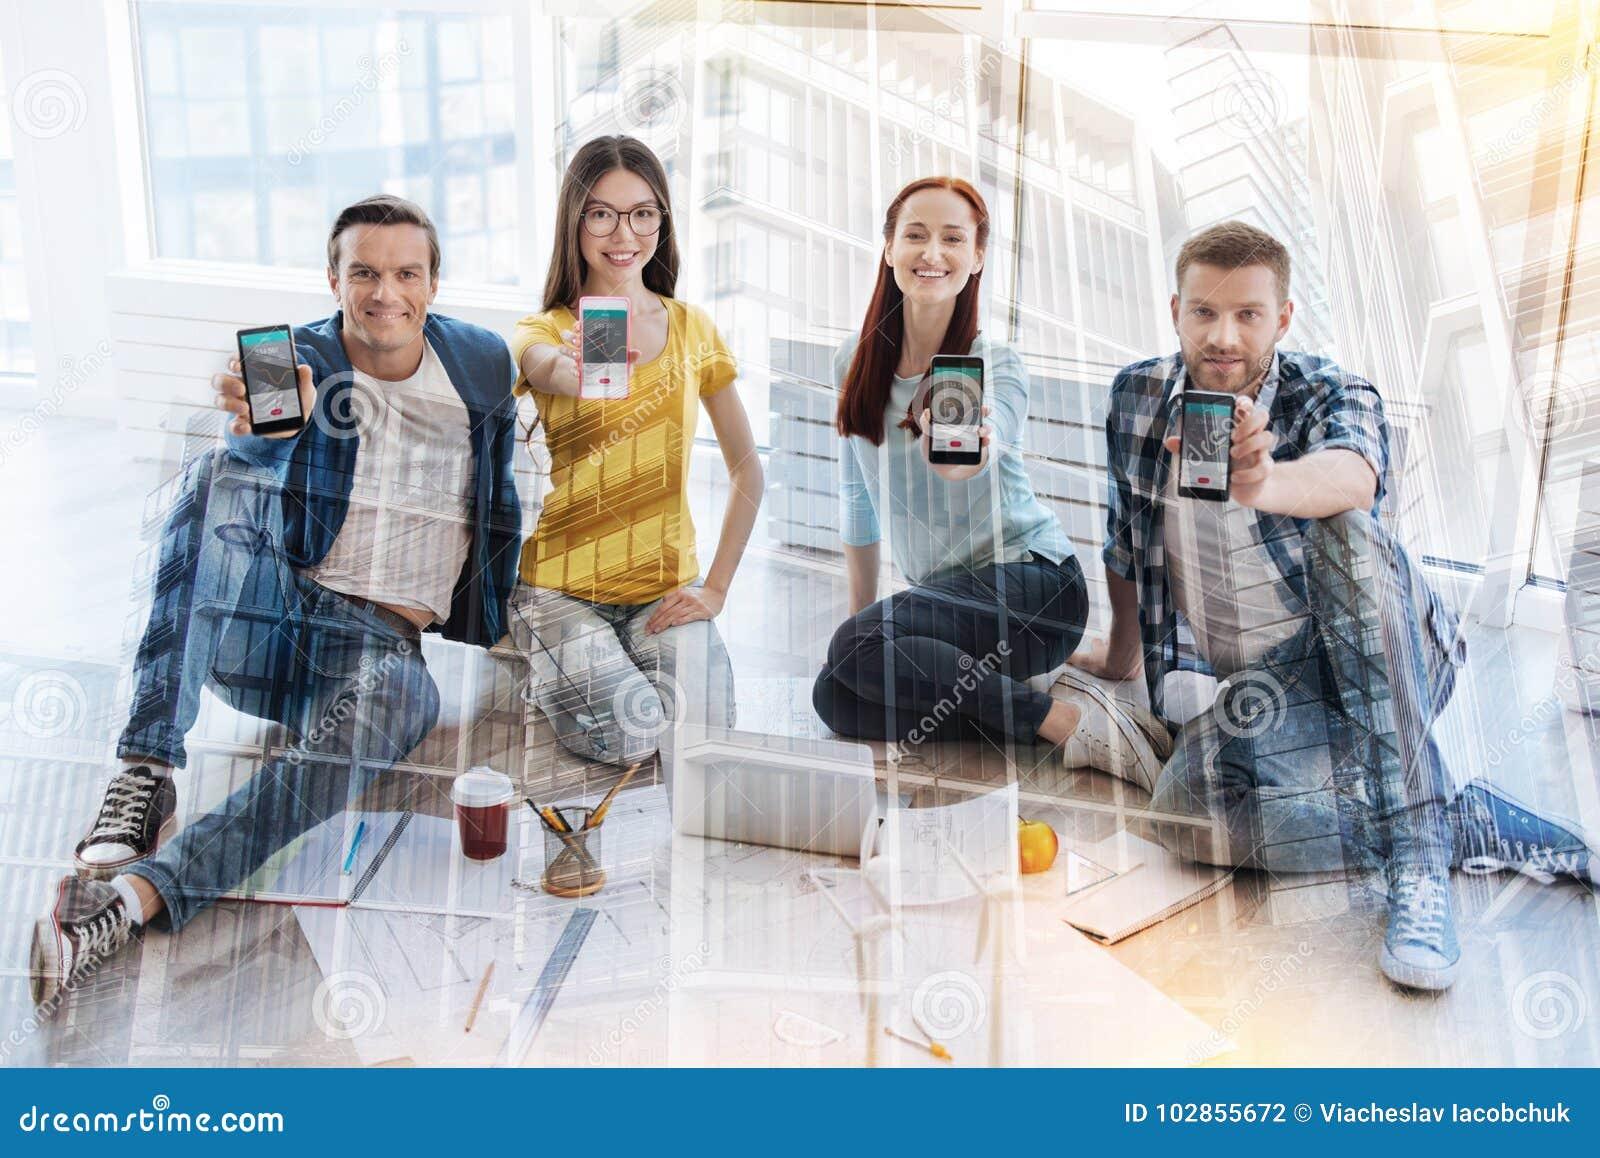 Εύθυμοι εργαζόμενοι γραφείων που αισθάνονται την ευτυχία